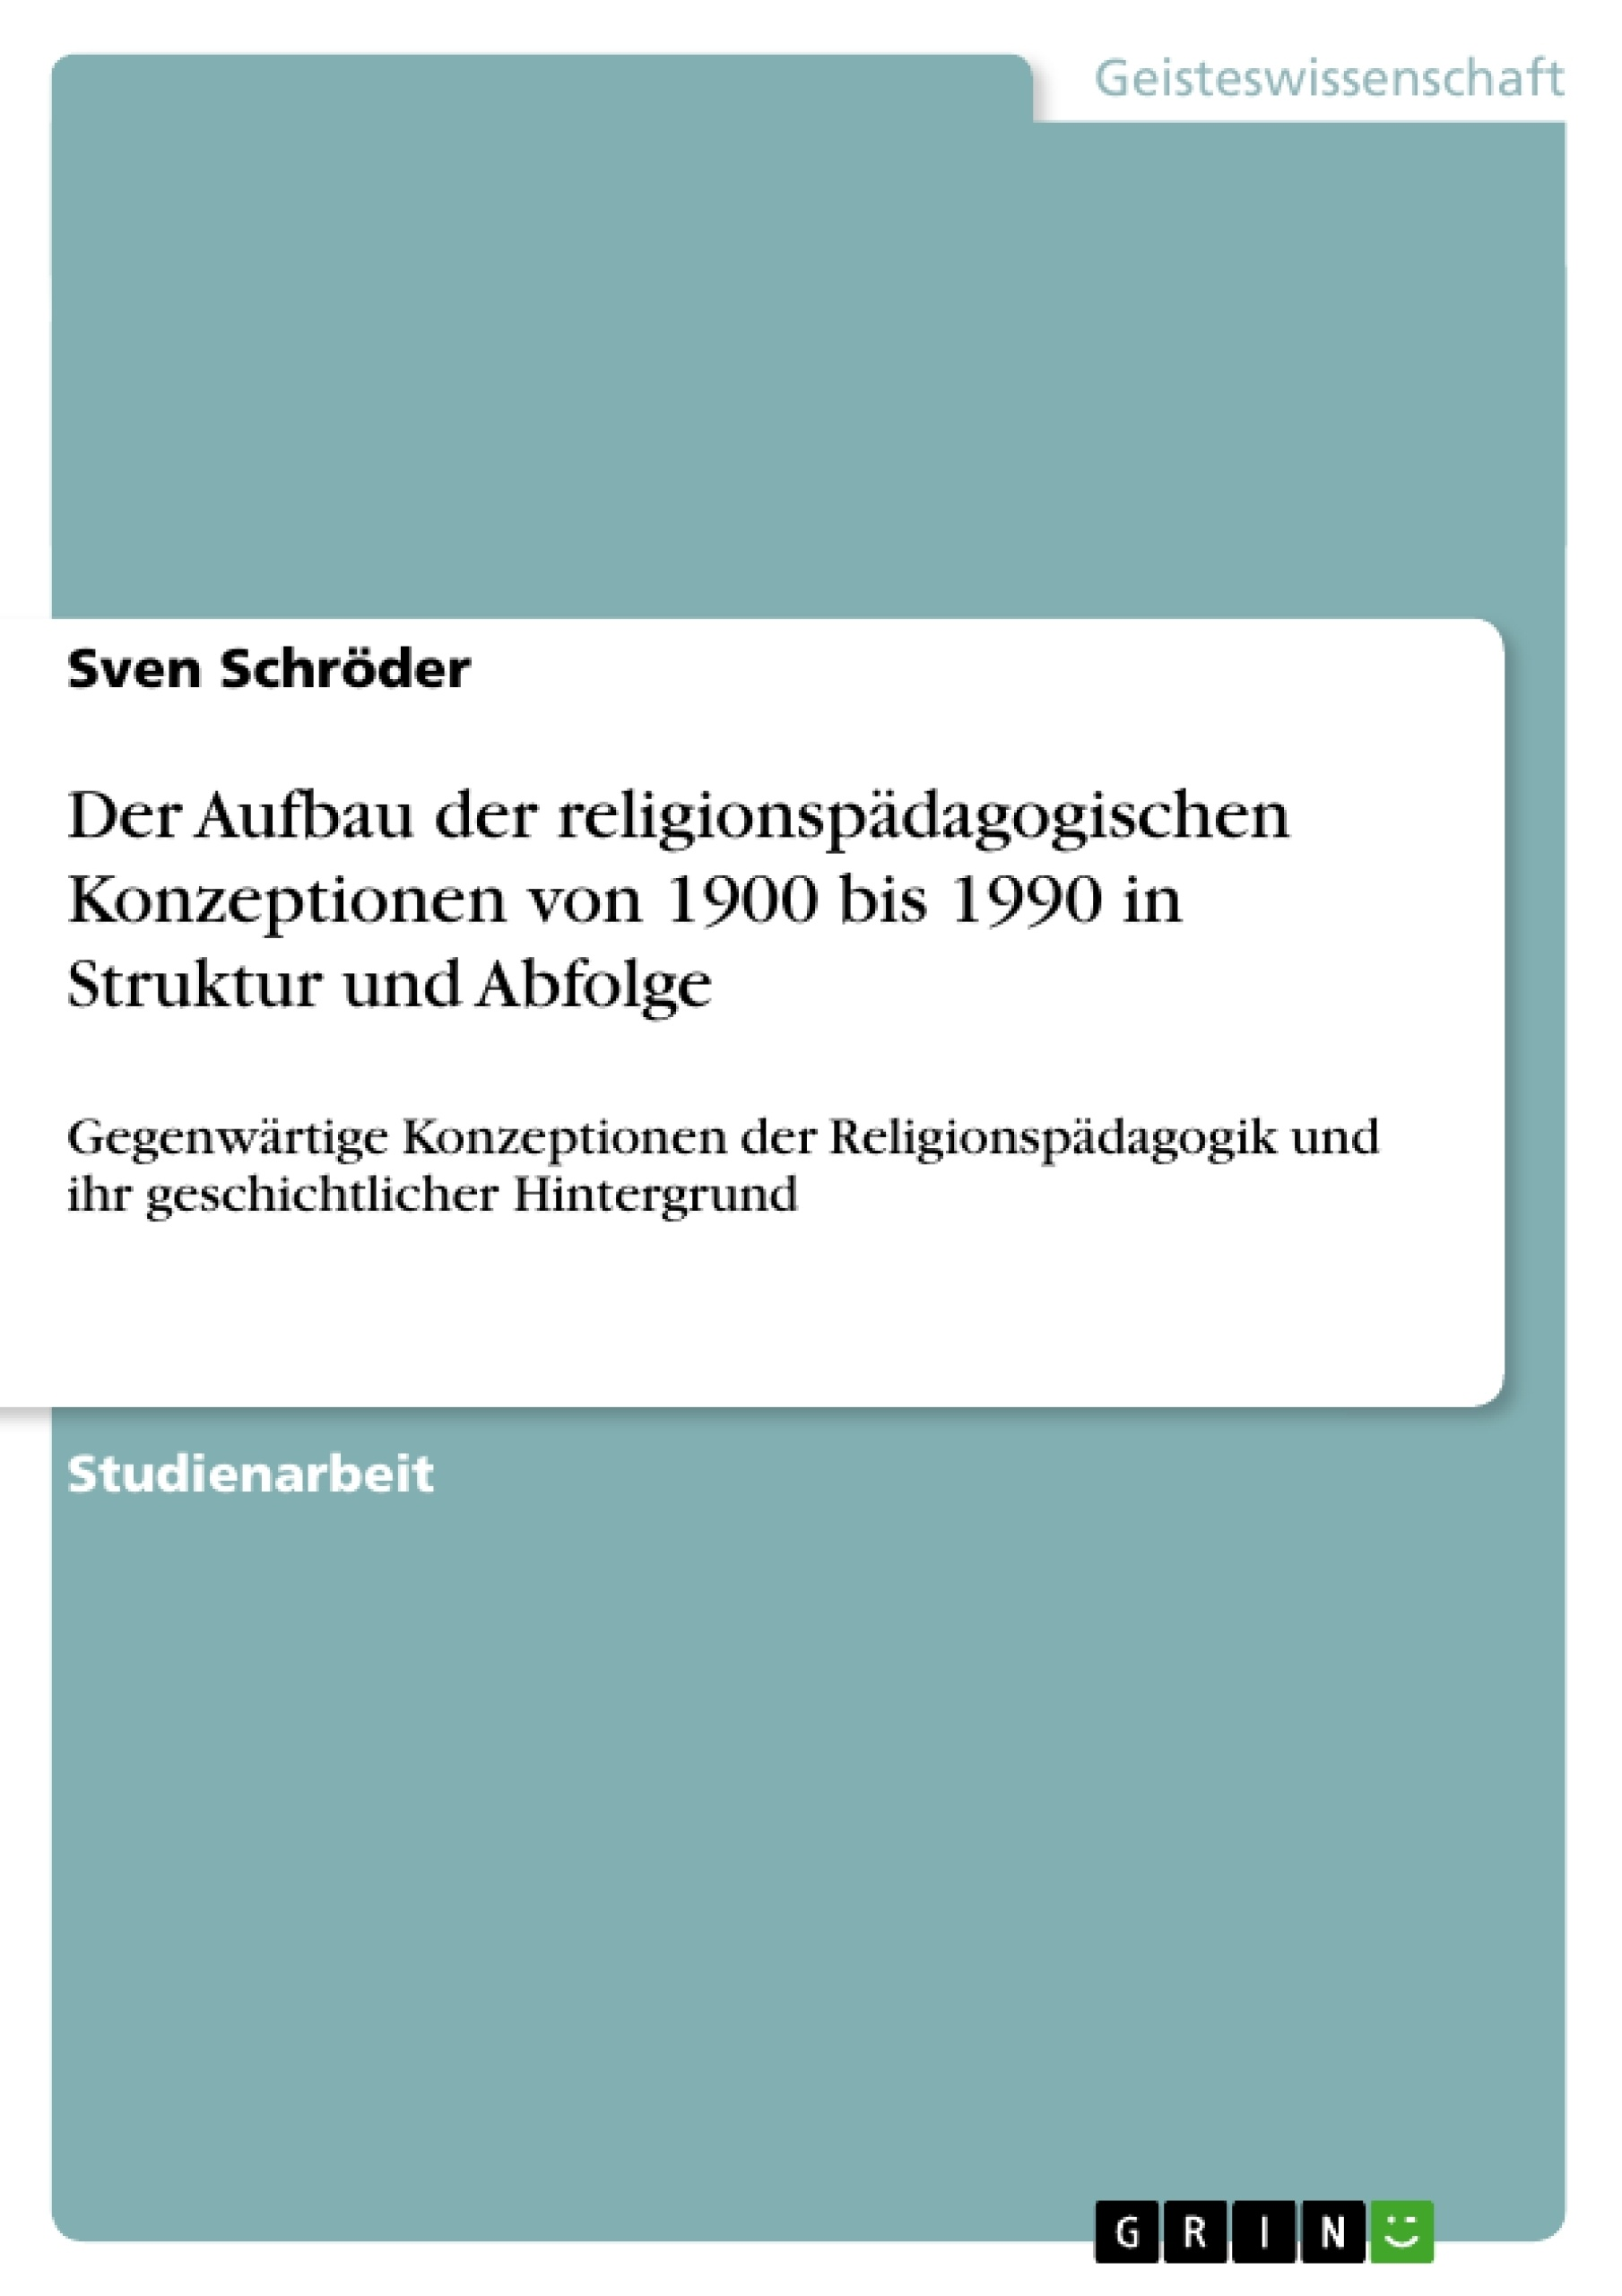 Titel: Der Aufbau der religionspädagogischen Konzeptionen von 1900 bis 1990 in Struktur und Abfolge